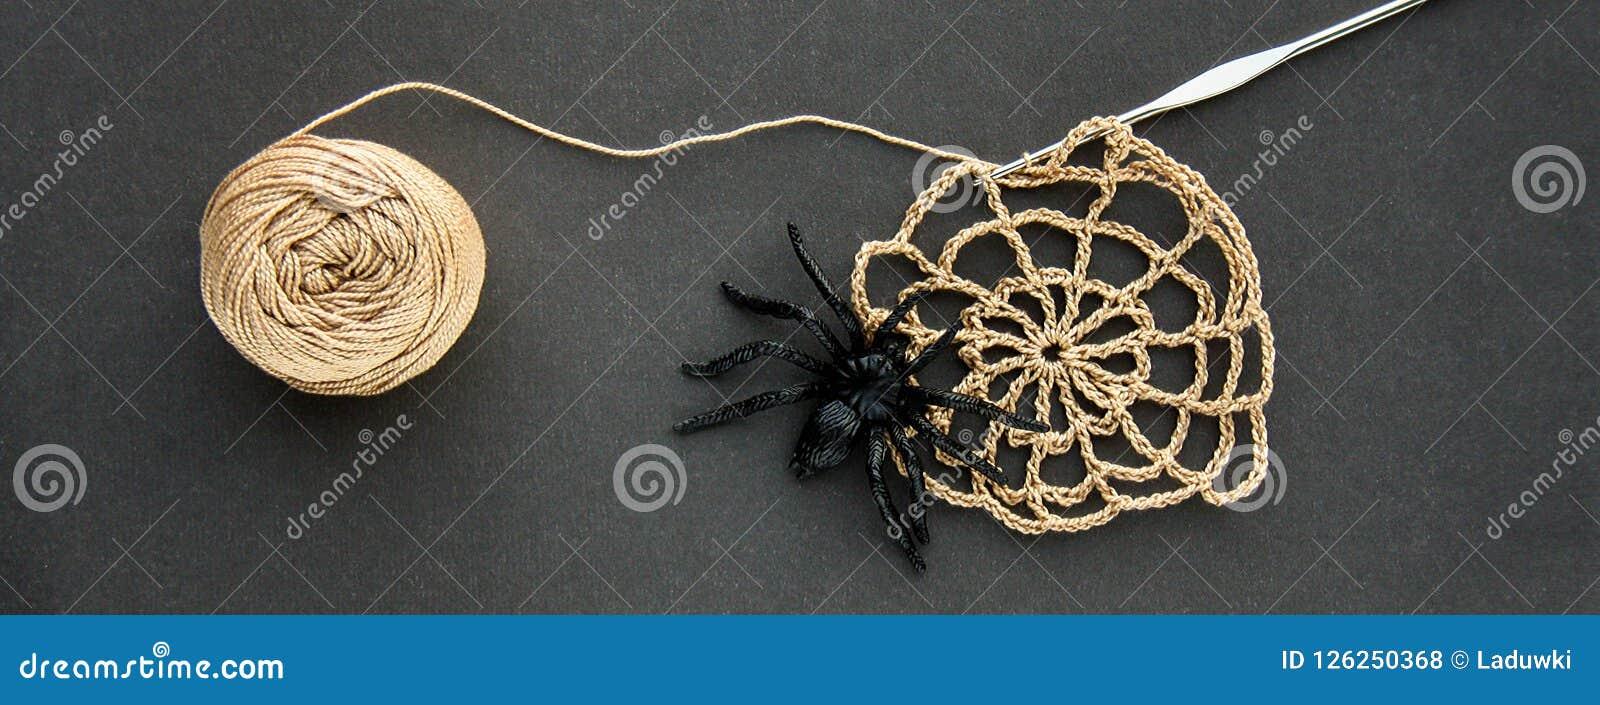 与螺纹黑橡胶蜘蛛、钩针编织和棉纱品球的钩针编织的蜘蛛网在黑纸背景的 黑暗的万圣夜octob